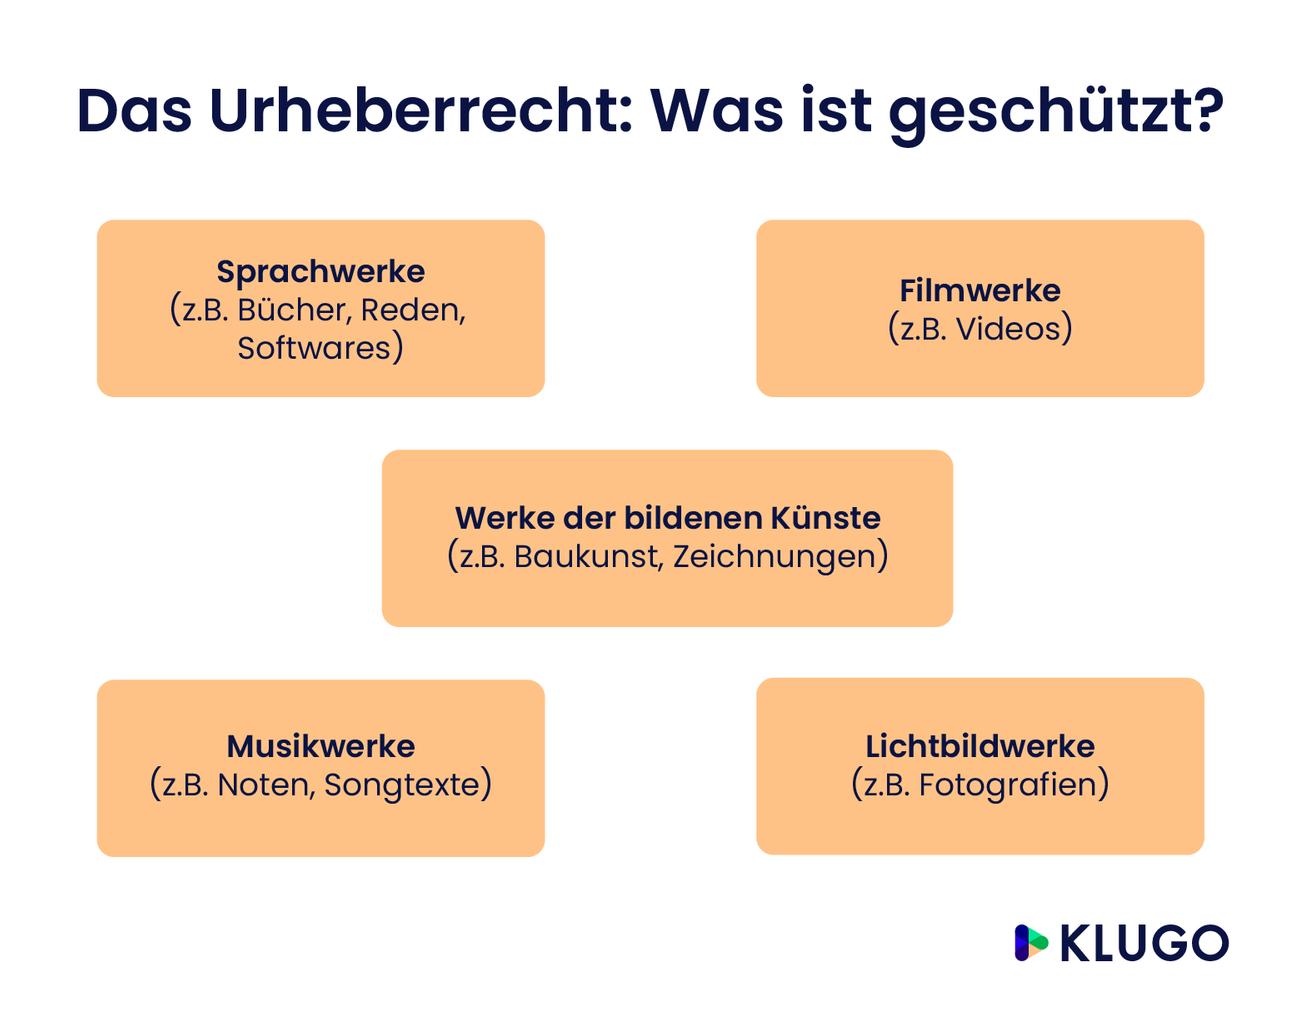 Das Urheberrecht: Was ist geschützt? – Infografik